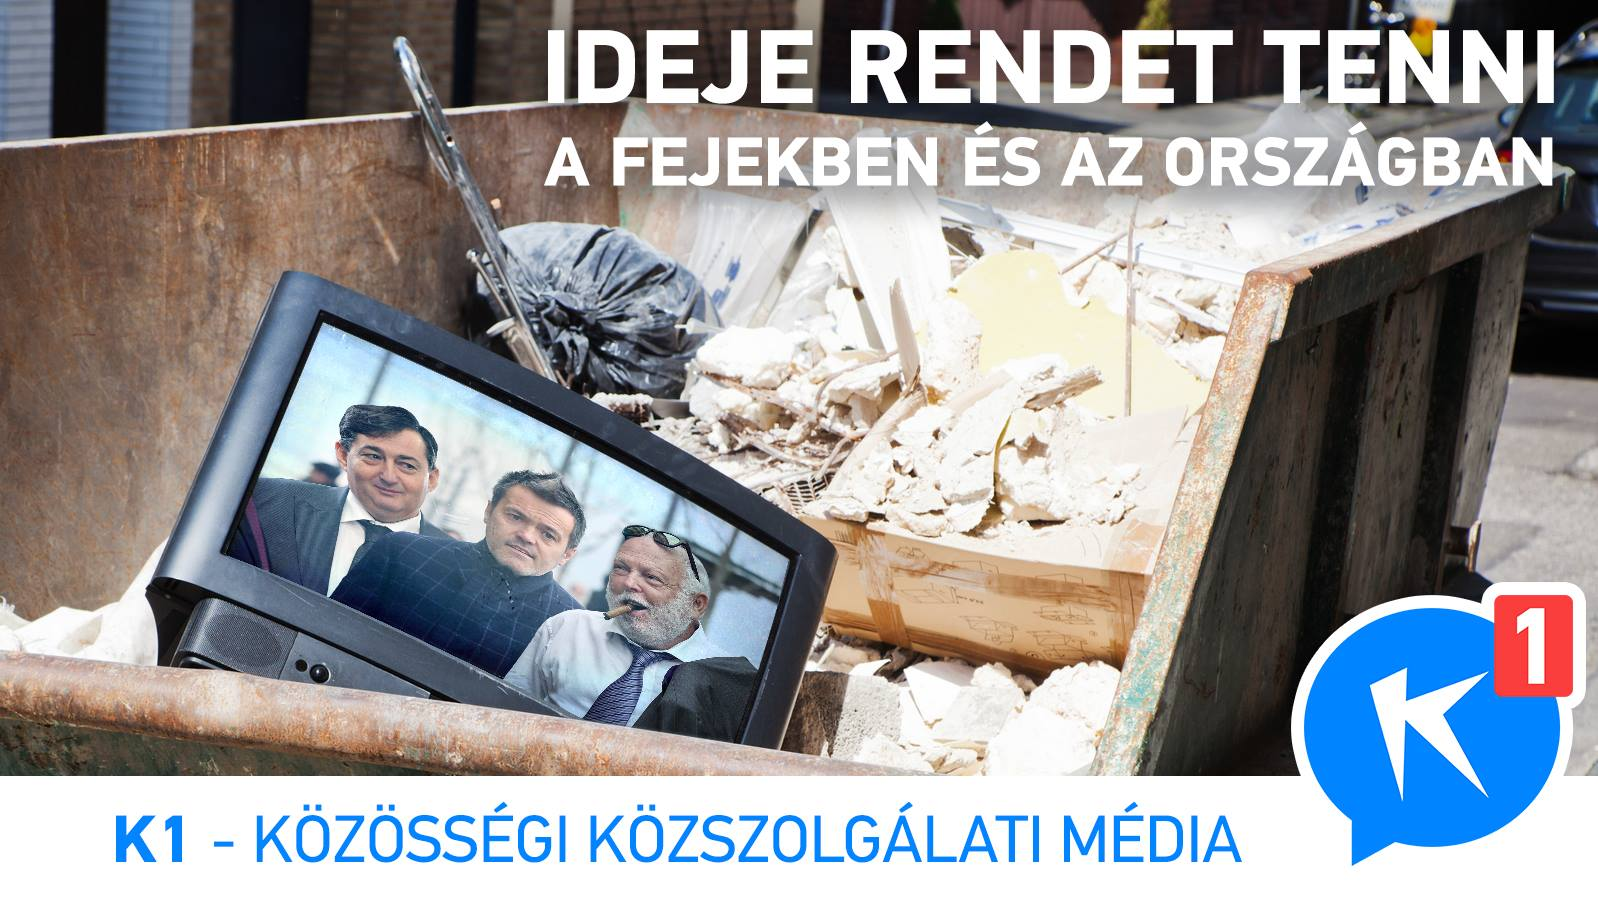 k1_fb.jpg